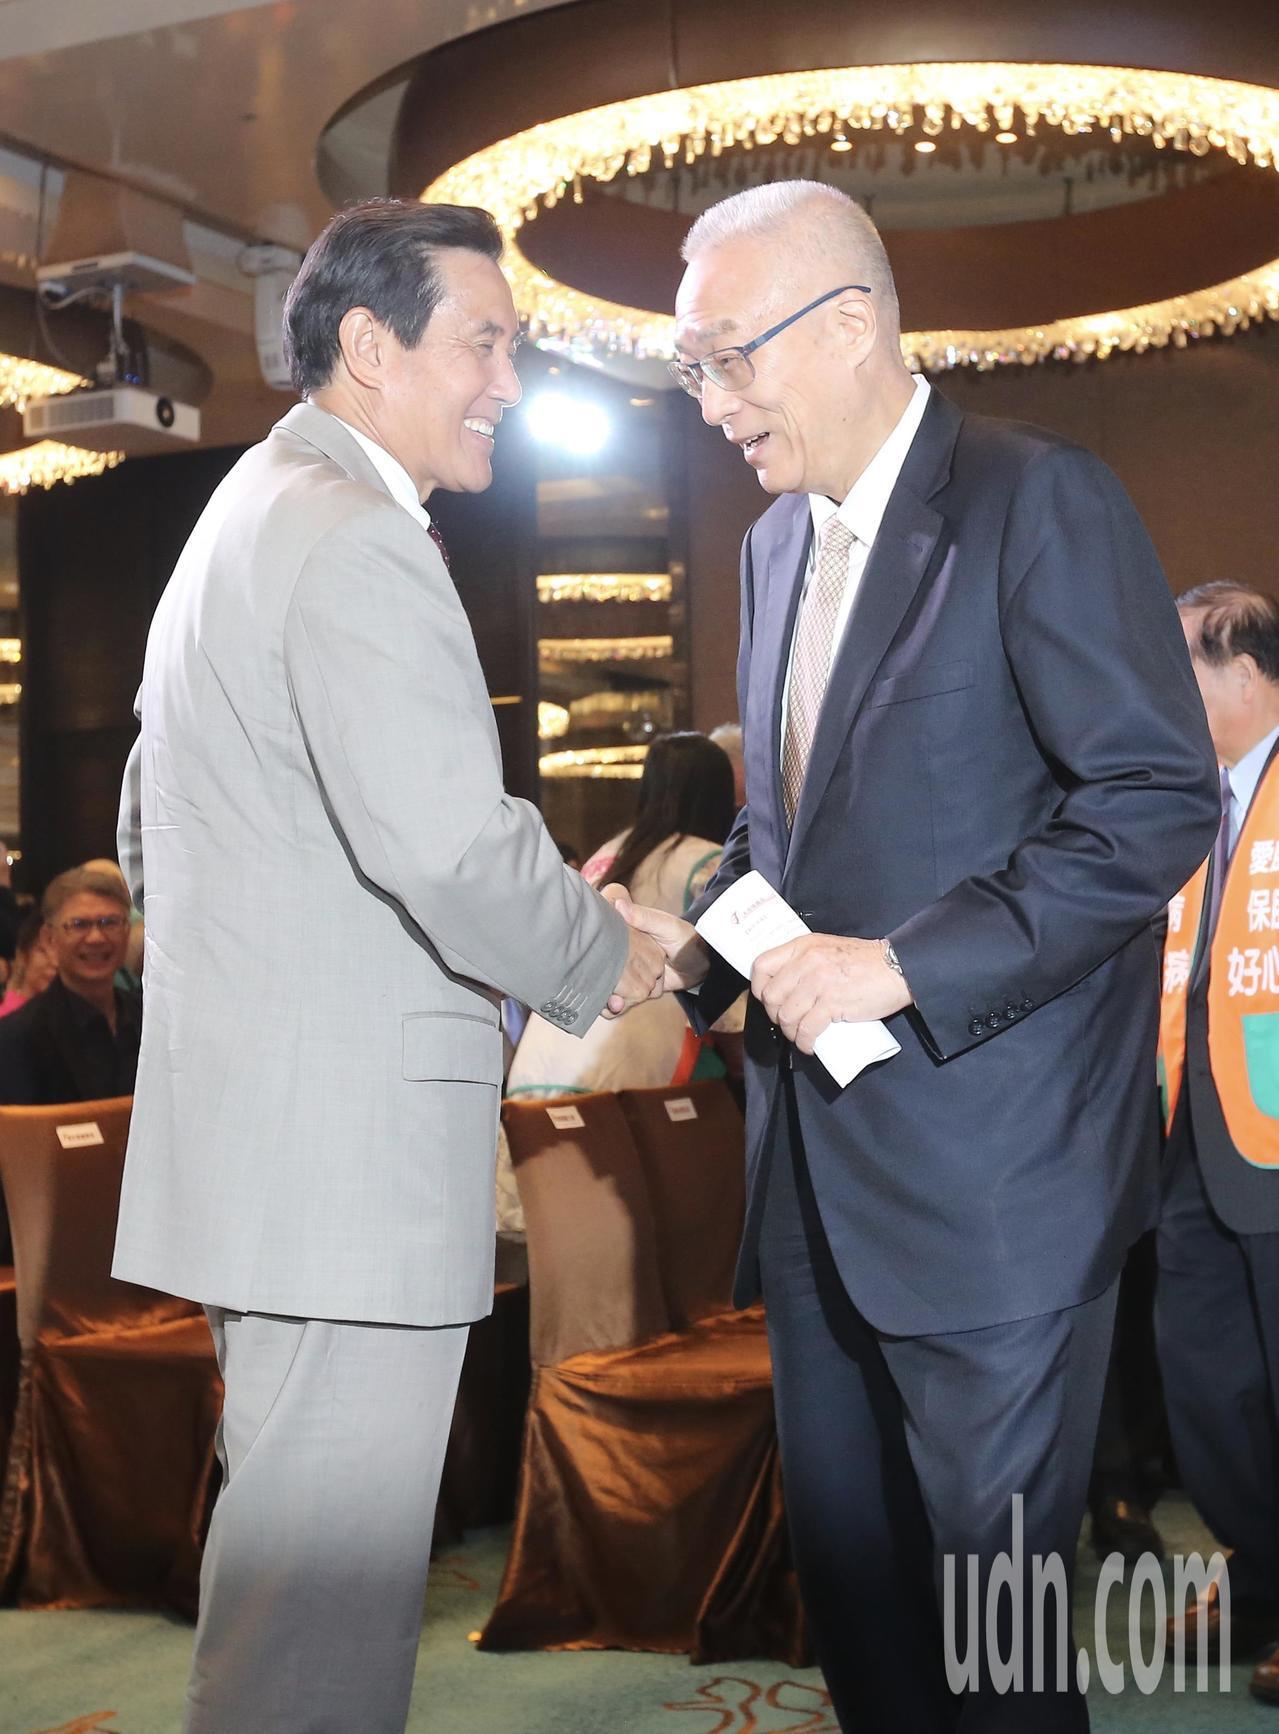 國民黨前主席馬英九(左)與現任主席吳敦義(右)一同參加活動,兩人見面後相互握手致...